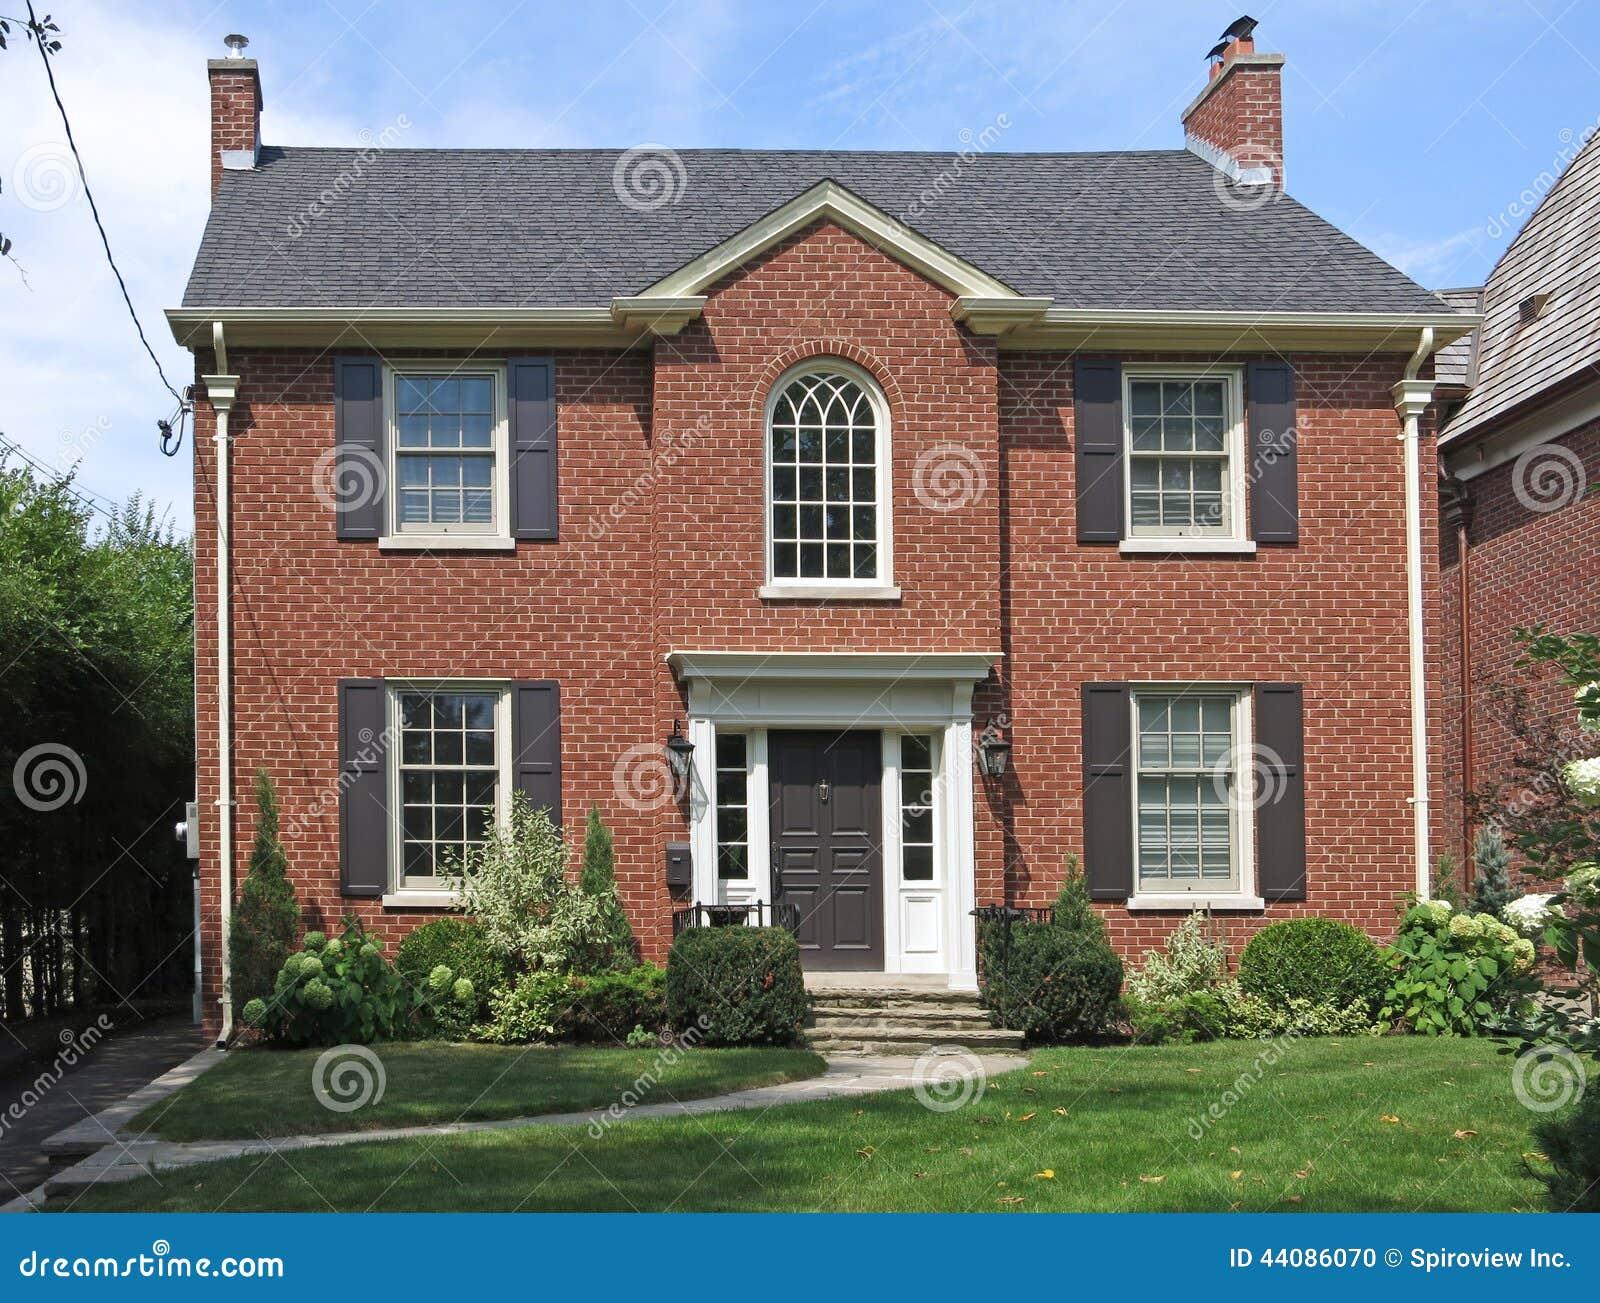 Casa de dos pisos del ladrillo foto de archivo imagen de frente obturadores 44086070 - Casa de ladrillos ...